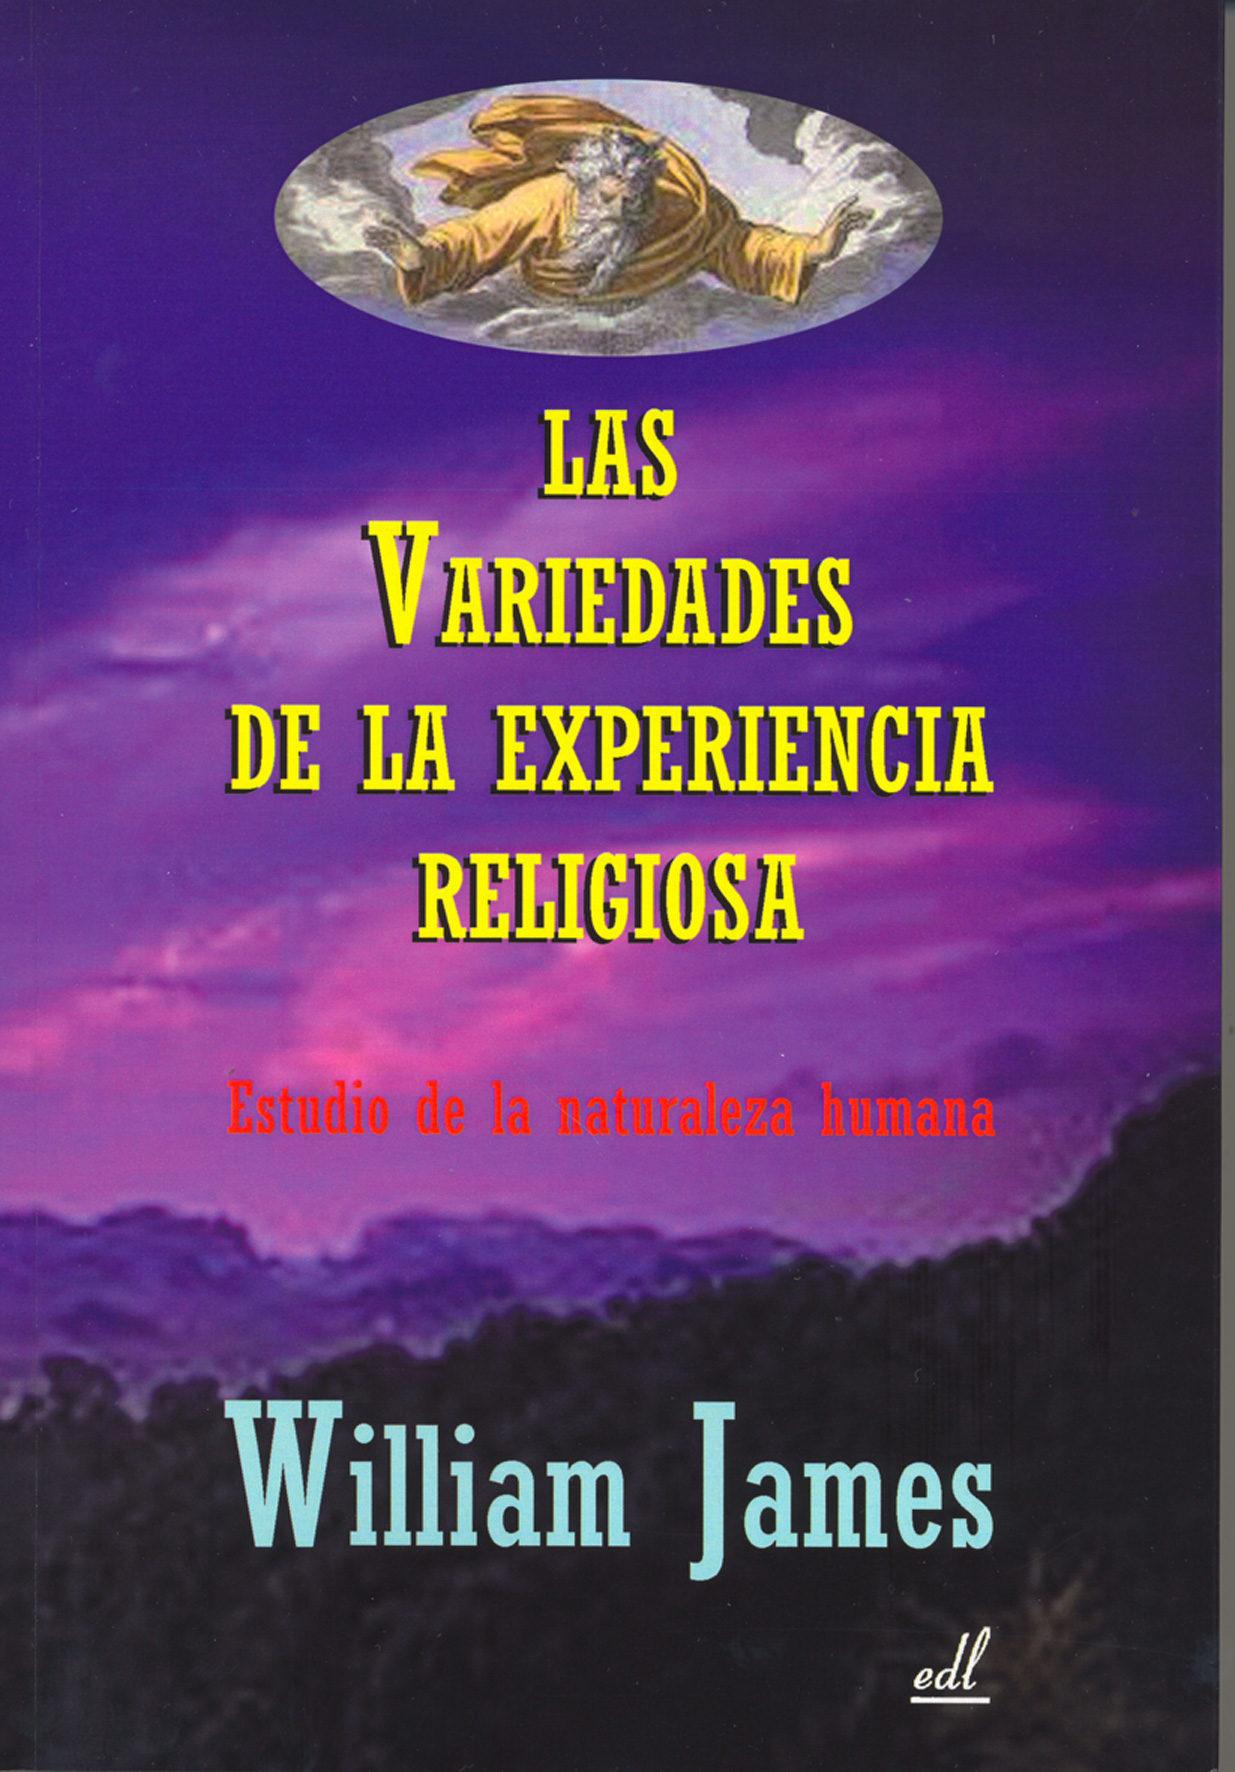 Resultado de imagen de imagen LAS VARIEDADES de la EXPERIENCIA RELIGIOSA libro